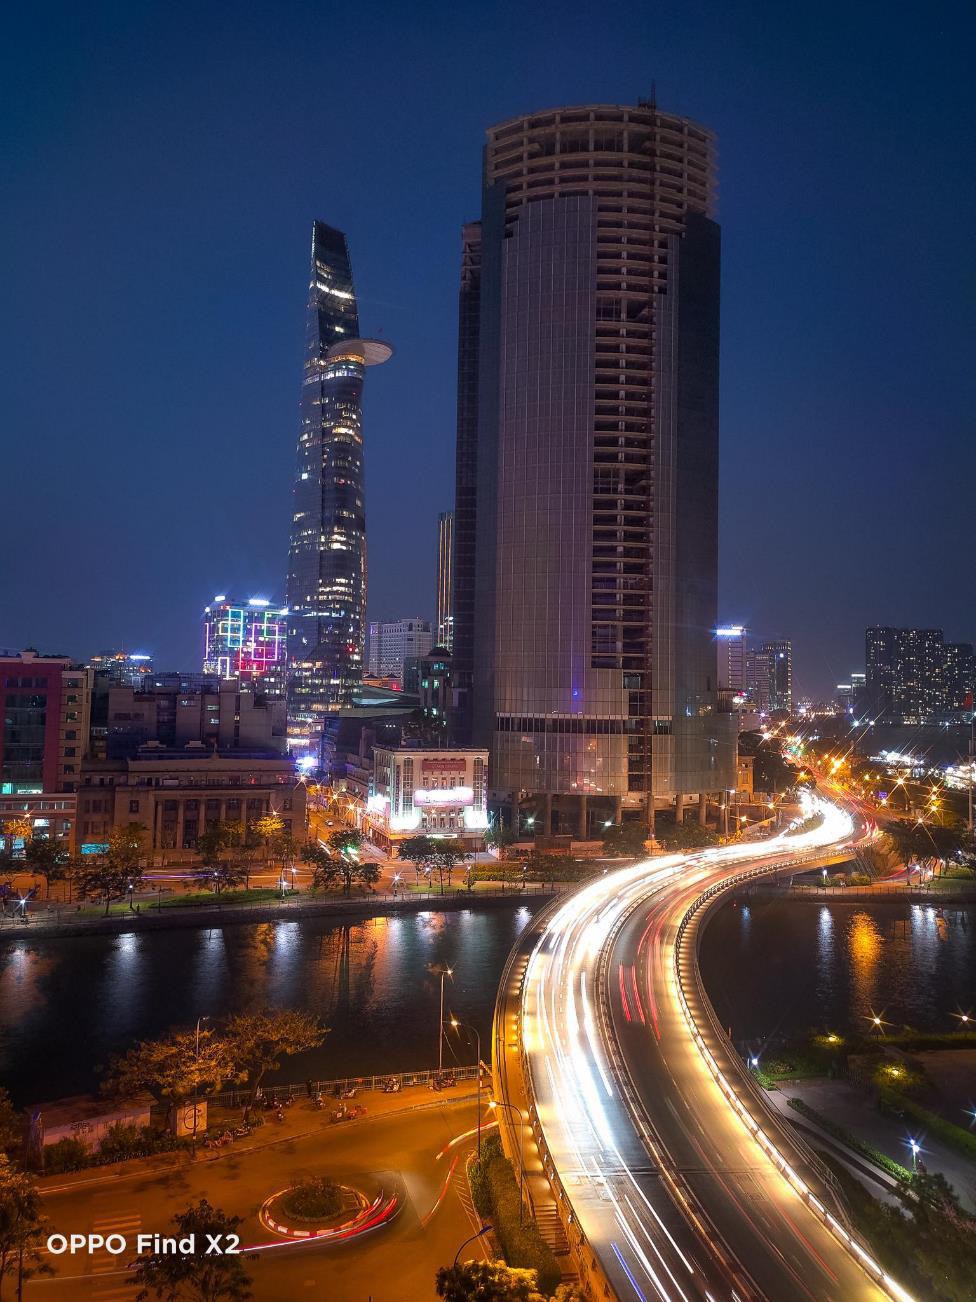 Lên nóc nhà ngắm Sài Gòn đẹp tĩnh lặng lúc về đêm - Ảnh 8.